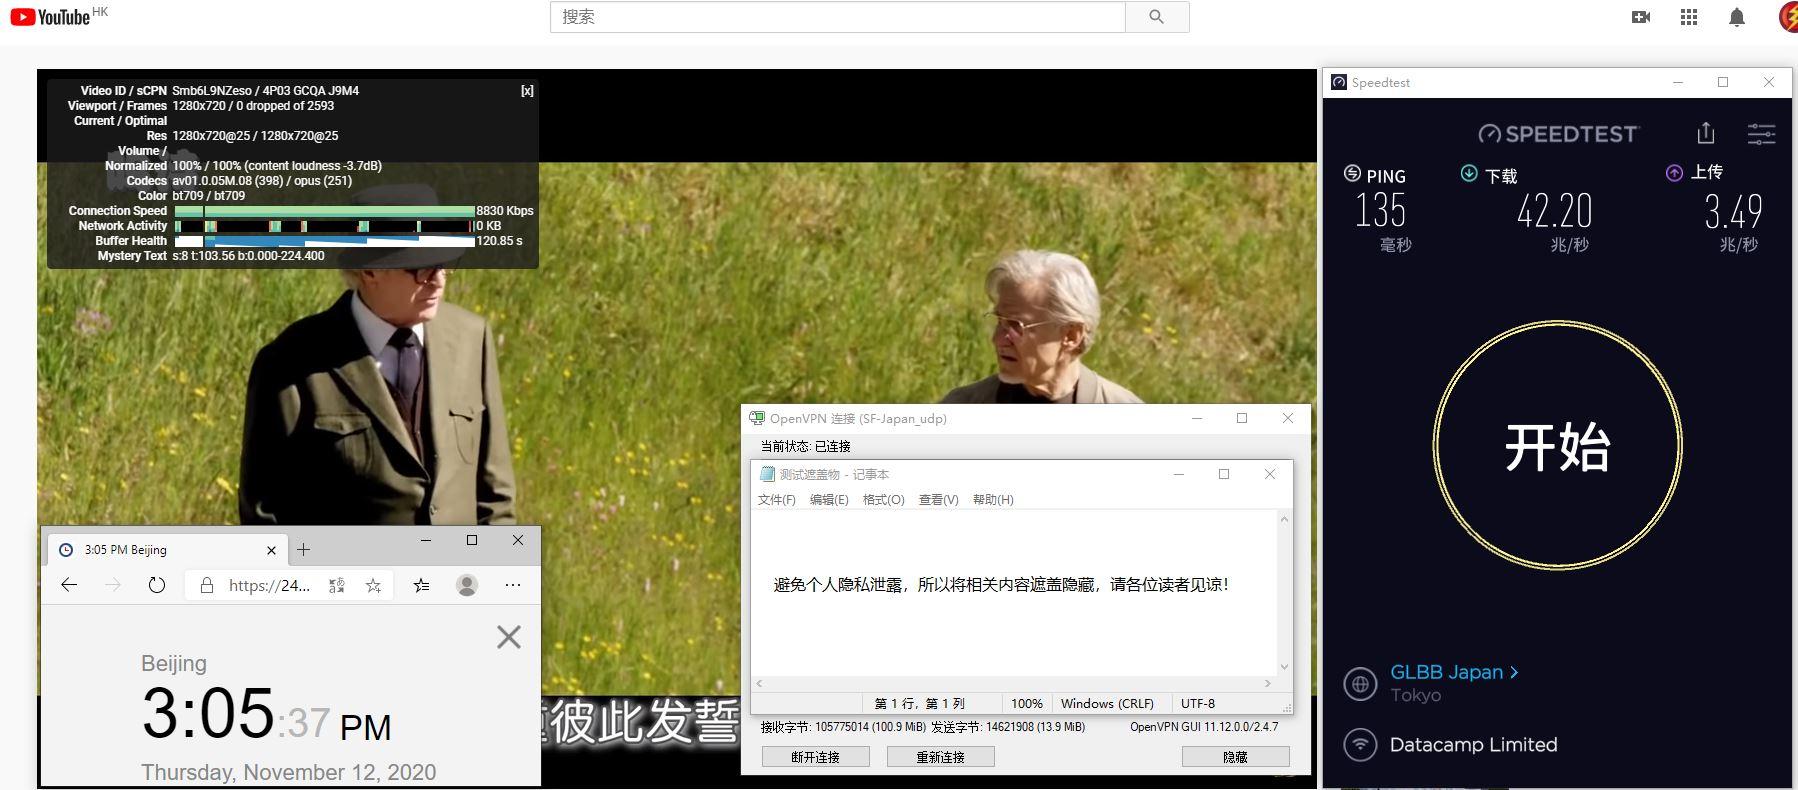 Windows10 SurfsharkVPN OpenVPN Gui Japan 服务器 中国VPN 翻墙 科学上网 测试 - 20201112